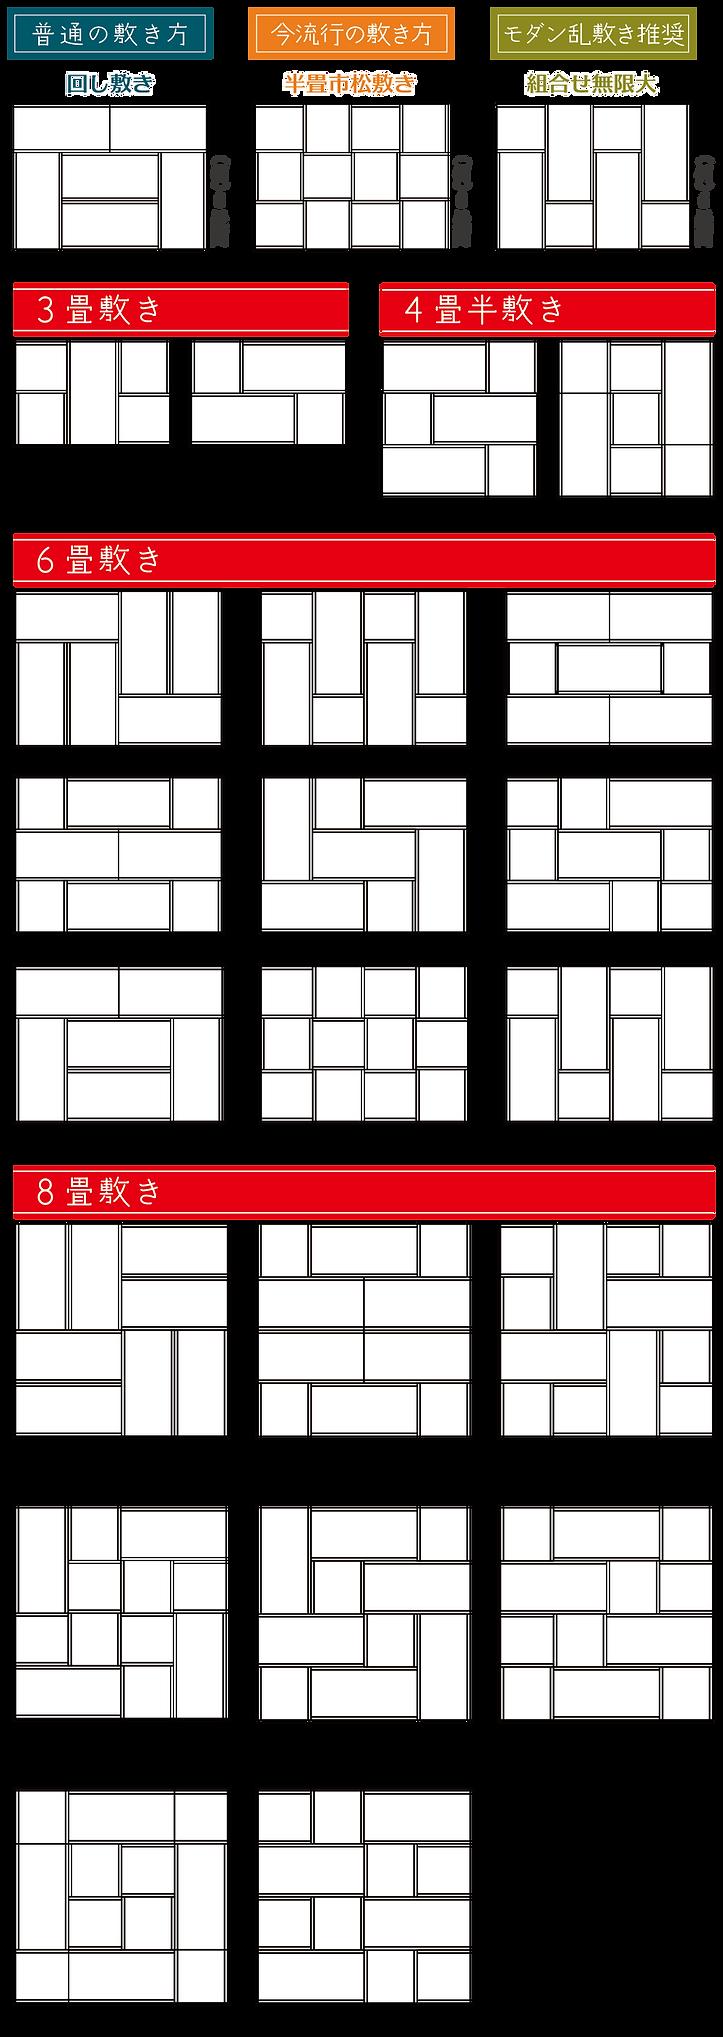 的場畳店,畳,畳替え,へりなし畳,琉球畳,カラー畳,モダン乱敷き畳,和紙畳,滋賀県,米原市